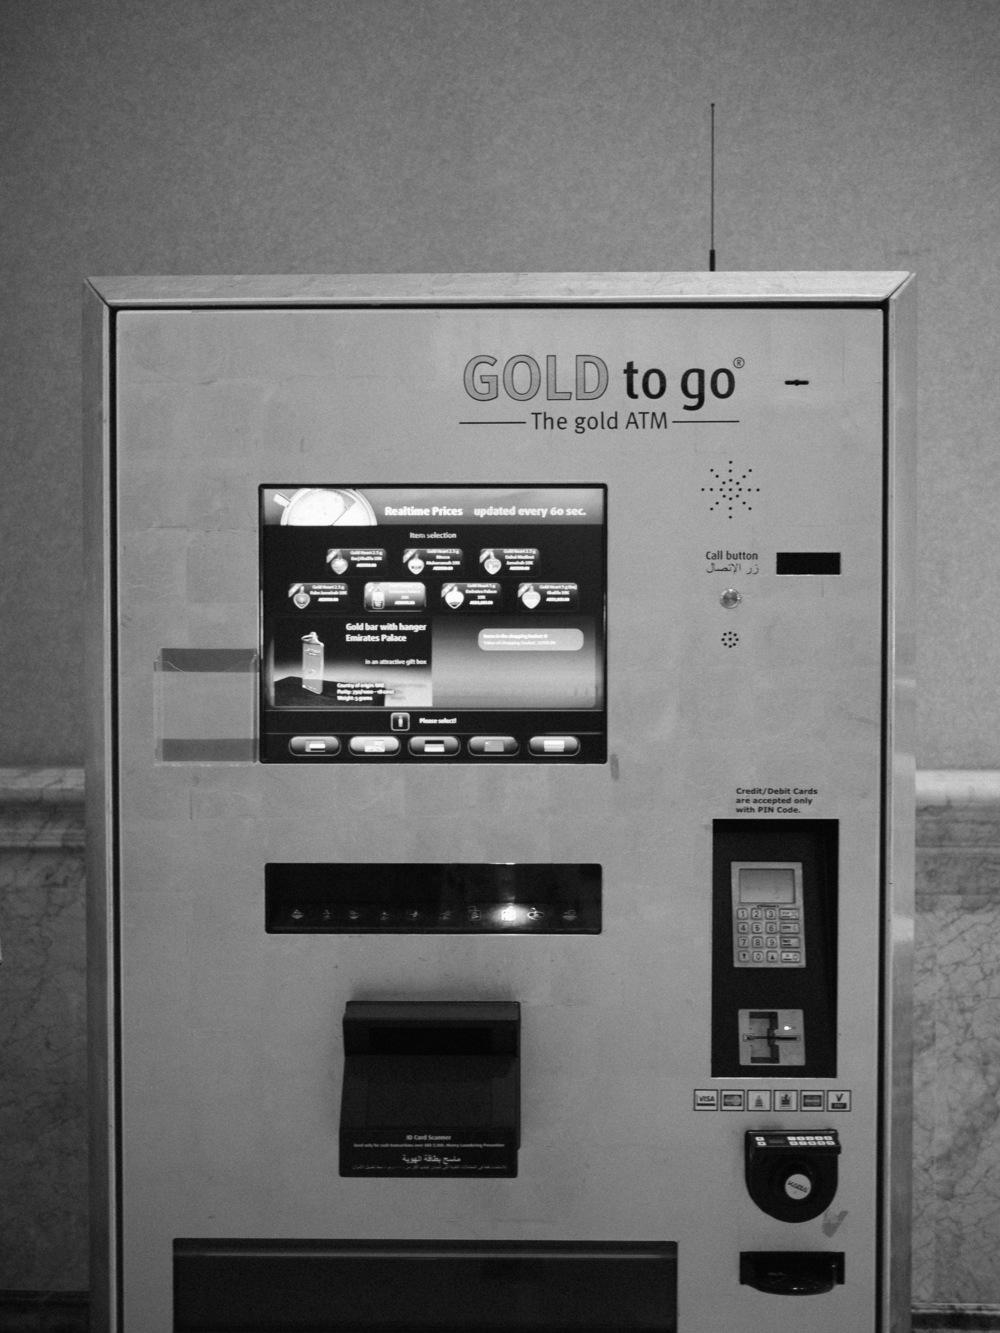 Got gold? :)